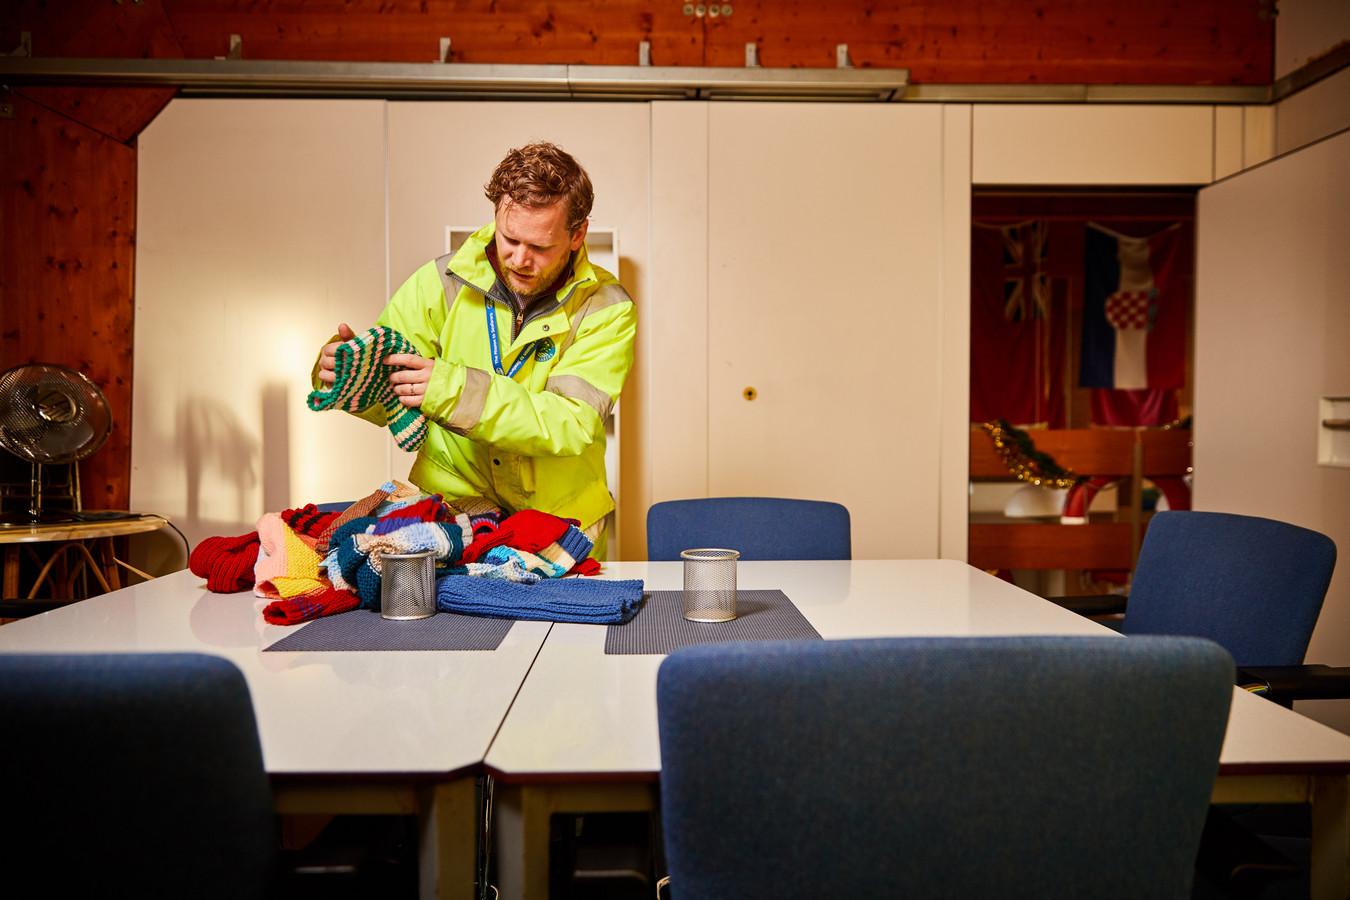 Dominee Dennis Woodward pakt in het Zeemanshuis in Schiedam mutsen in die hij aan boord van schepen uitdeelt.